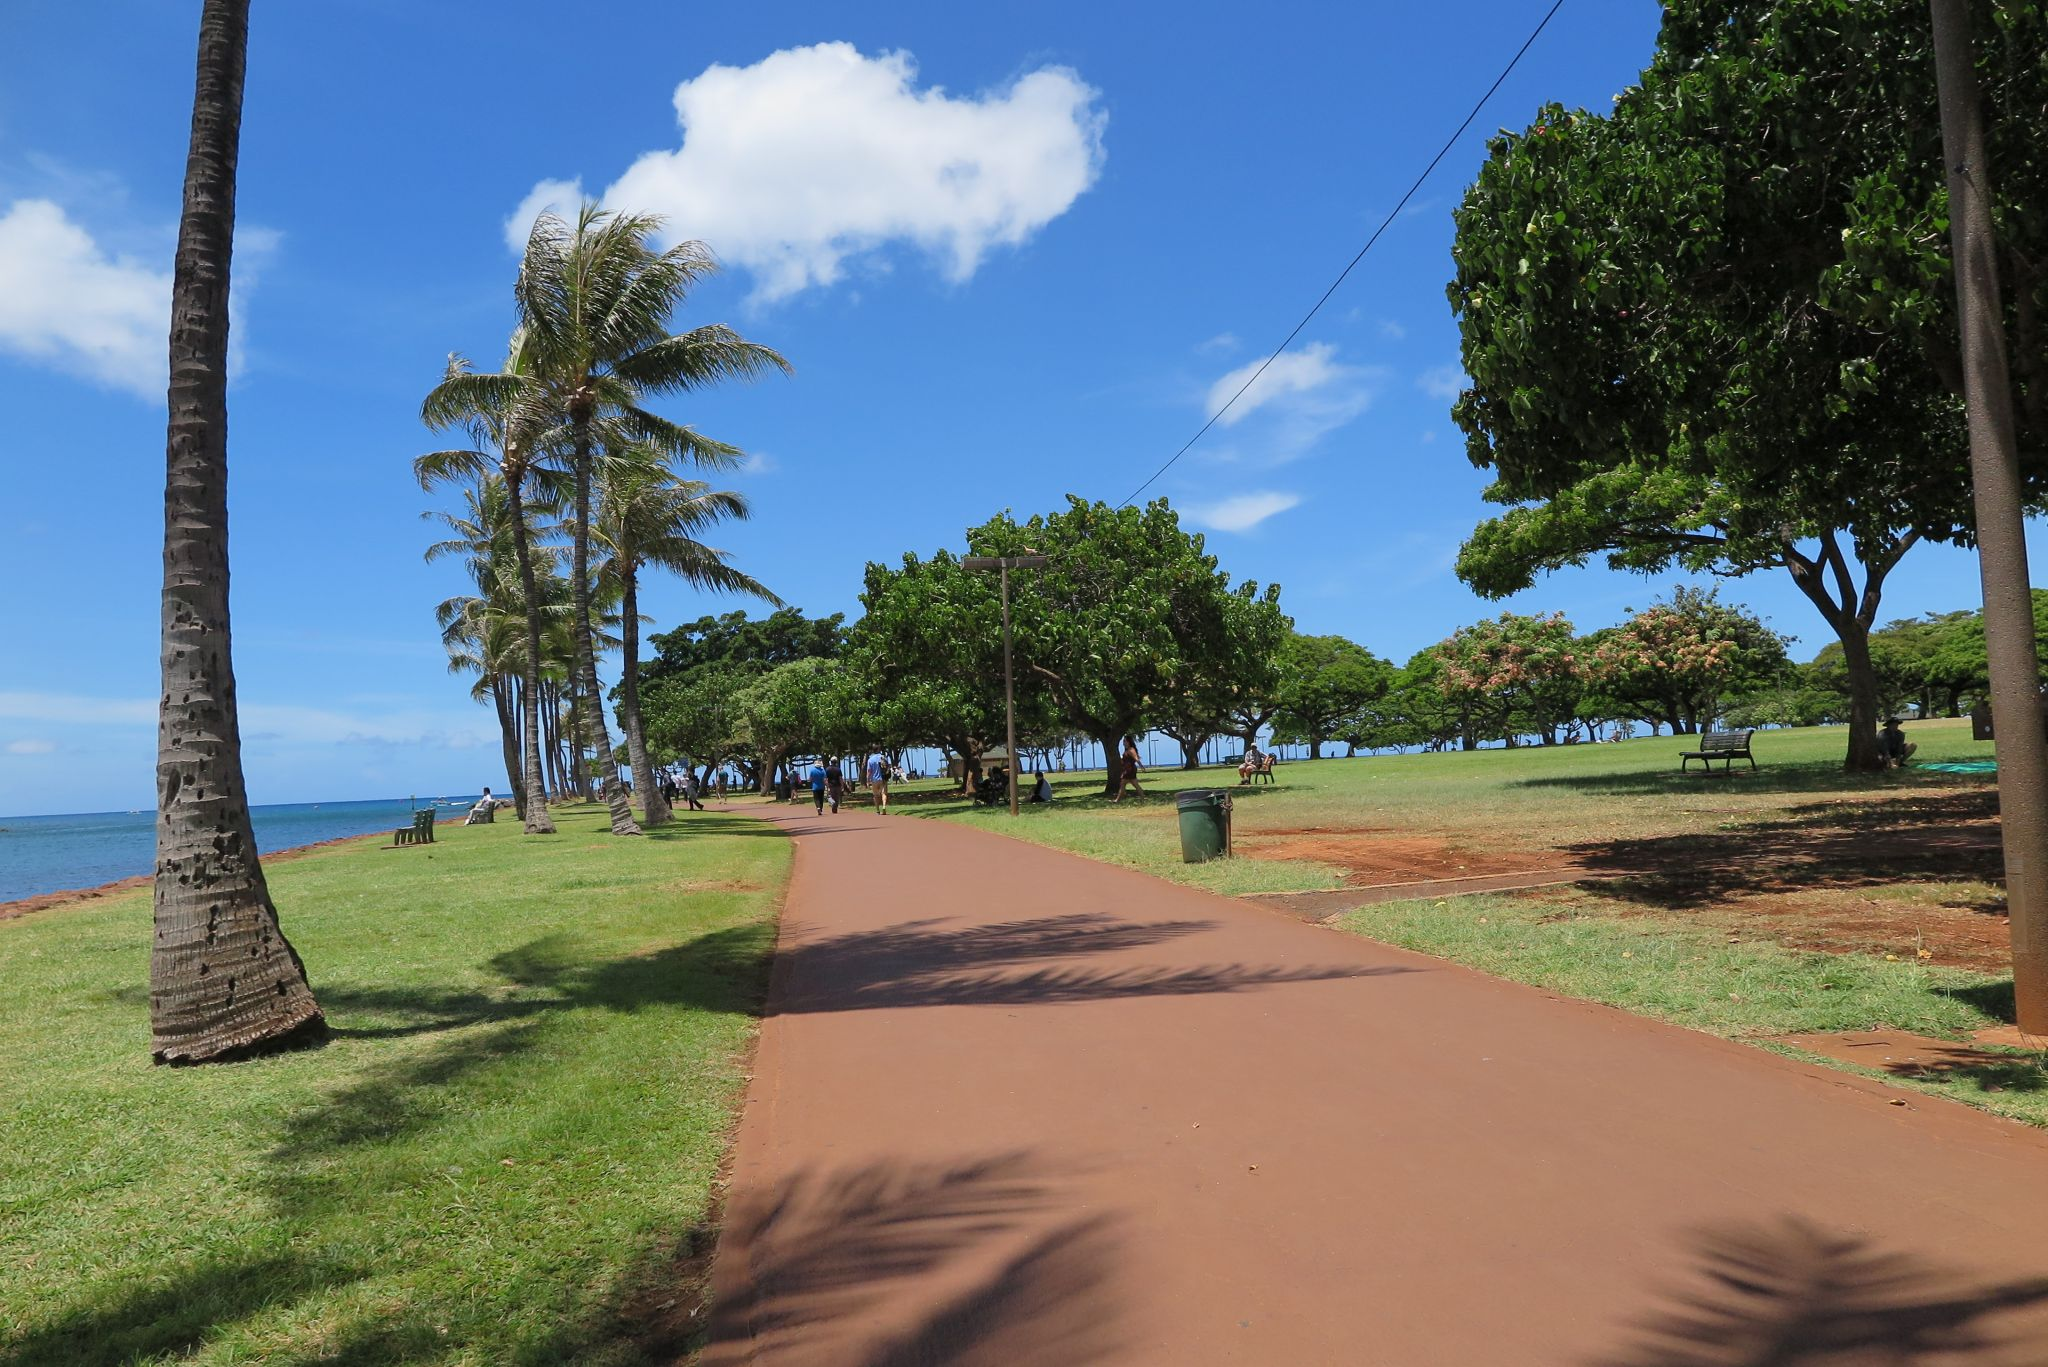 130b641fcde9 アロハ〜といえば、ハワイの挨拶の代名詞であり、日本に生息するなんちゃってハワイアンの挨拶だったりしますが、僕はどうしてもハワイに行きたくなったので格安で  ...